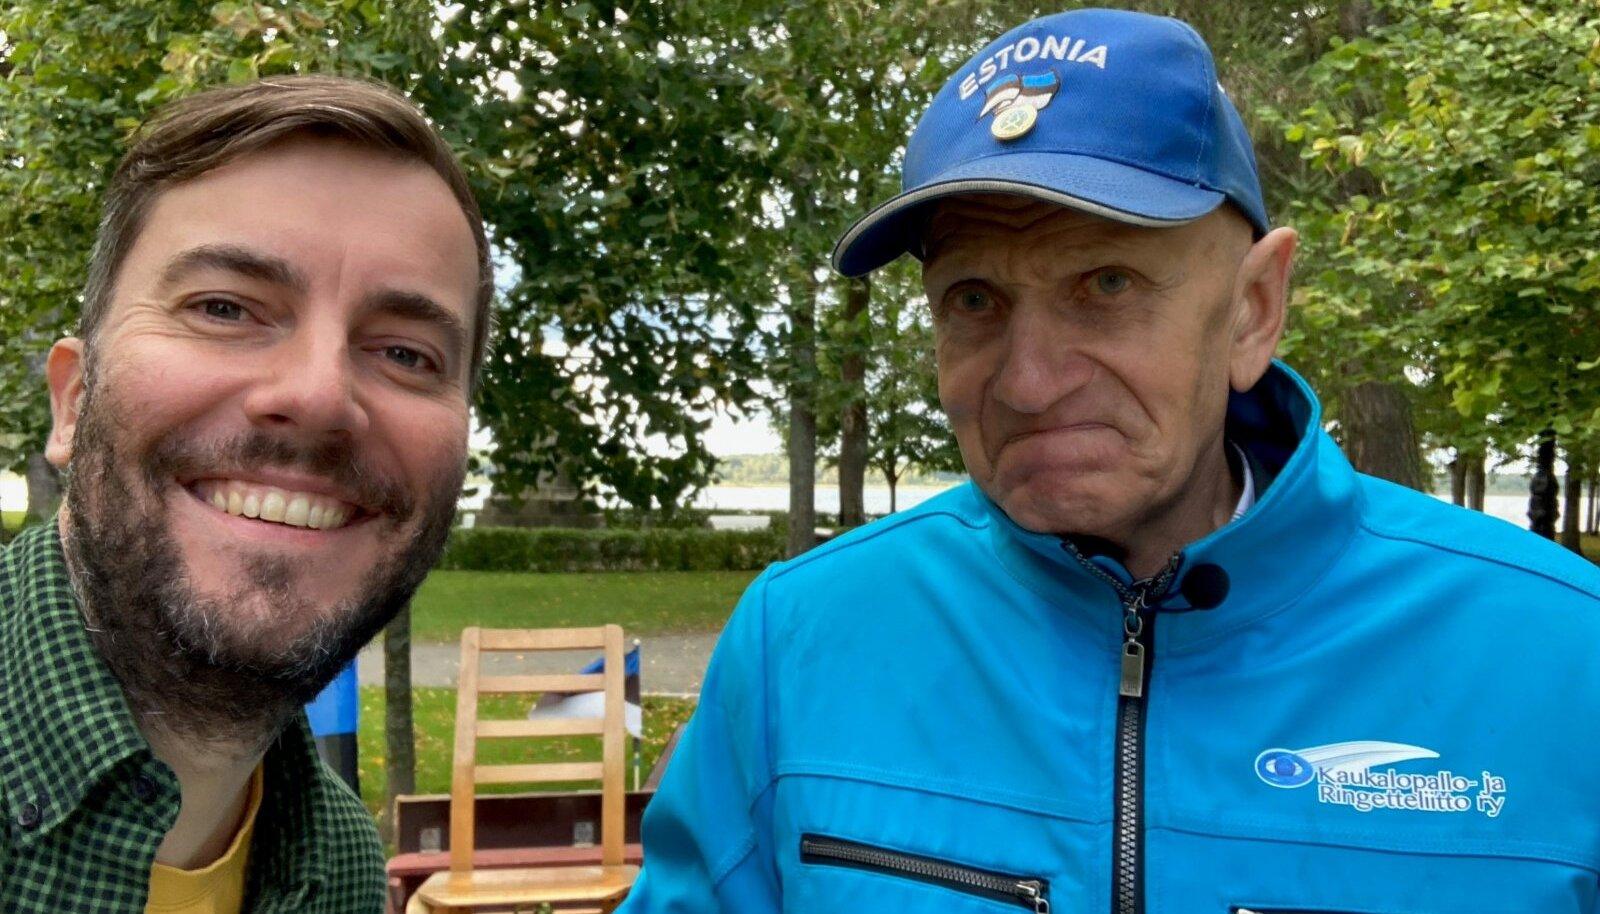 Hooaja avasaates viib Roald Johannson Mõniste küla mehe Toivo Kuslapuu pealinna. Toivo aitas 1979. ja 1980. aastal Moskva olümpiamängude ajaks ehitada üles Tallinna lennujaama. Pärast seda pole ta oma jalga pealinna tõstnud.